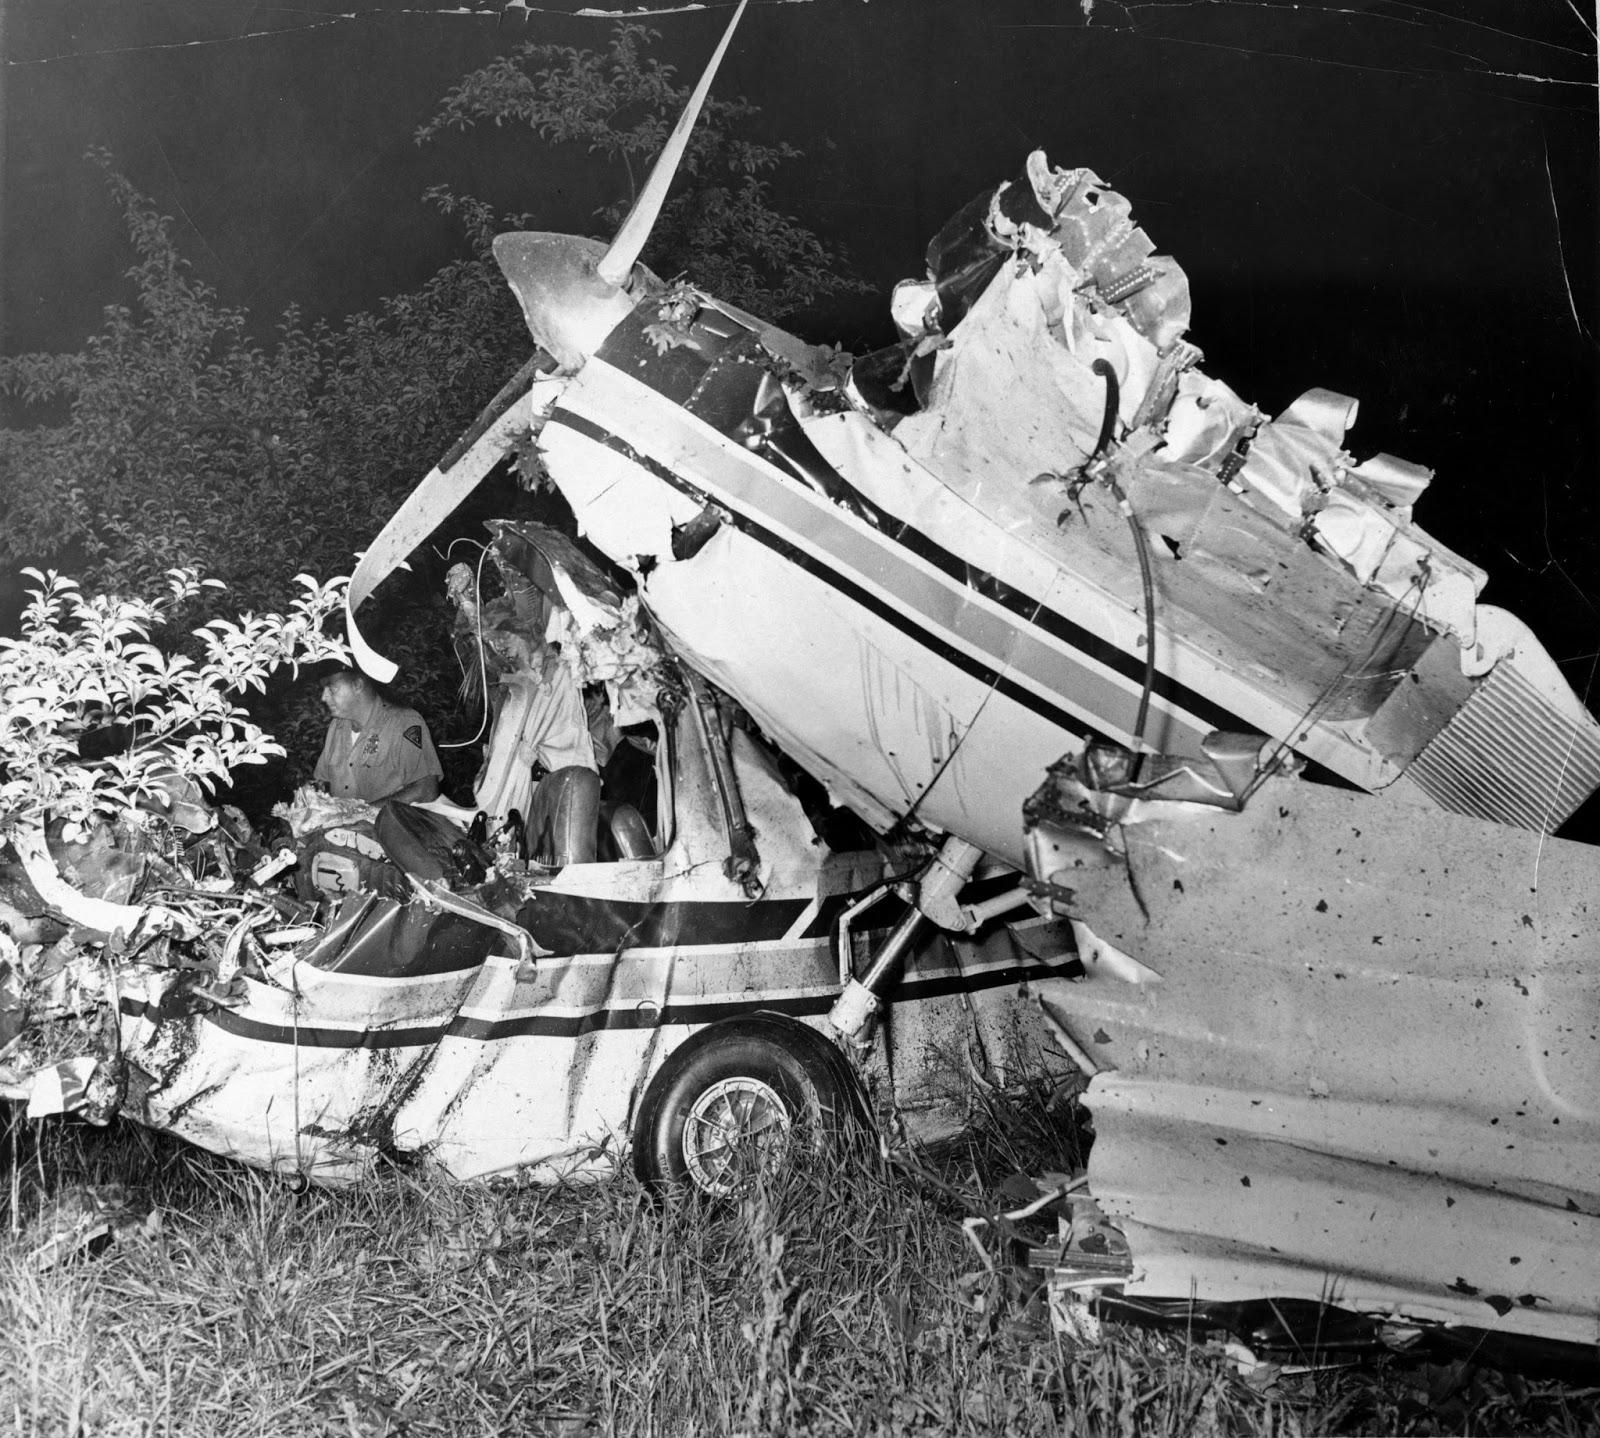 John F Kennedy Jr Body Found Ted kennedy's plane crash